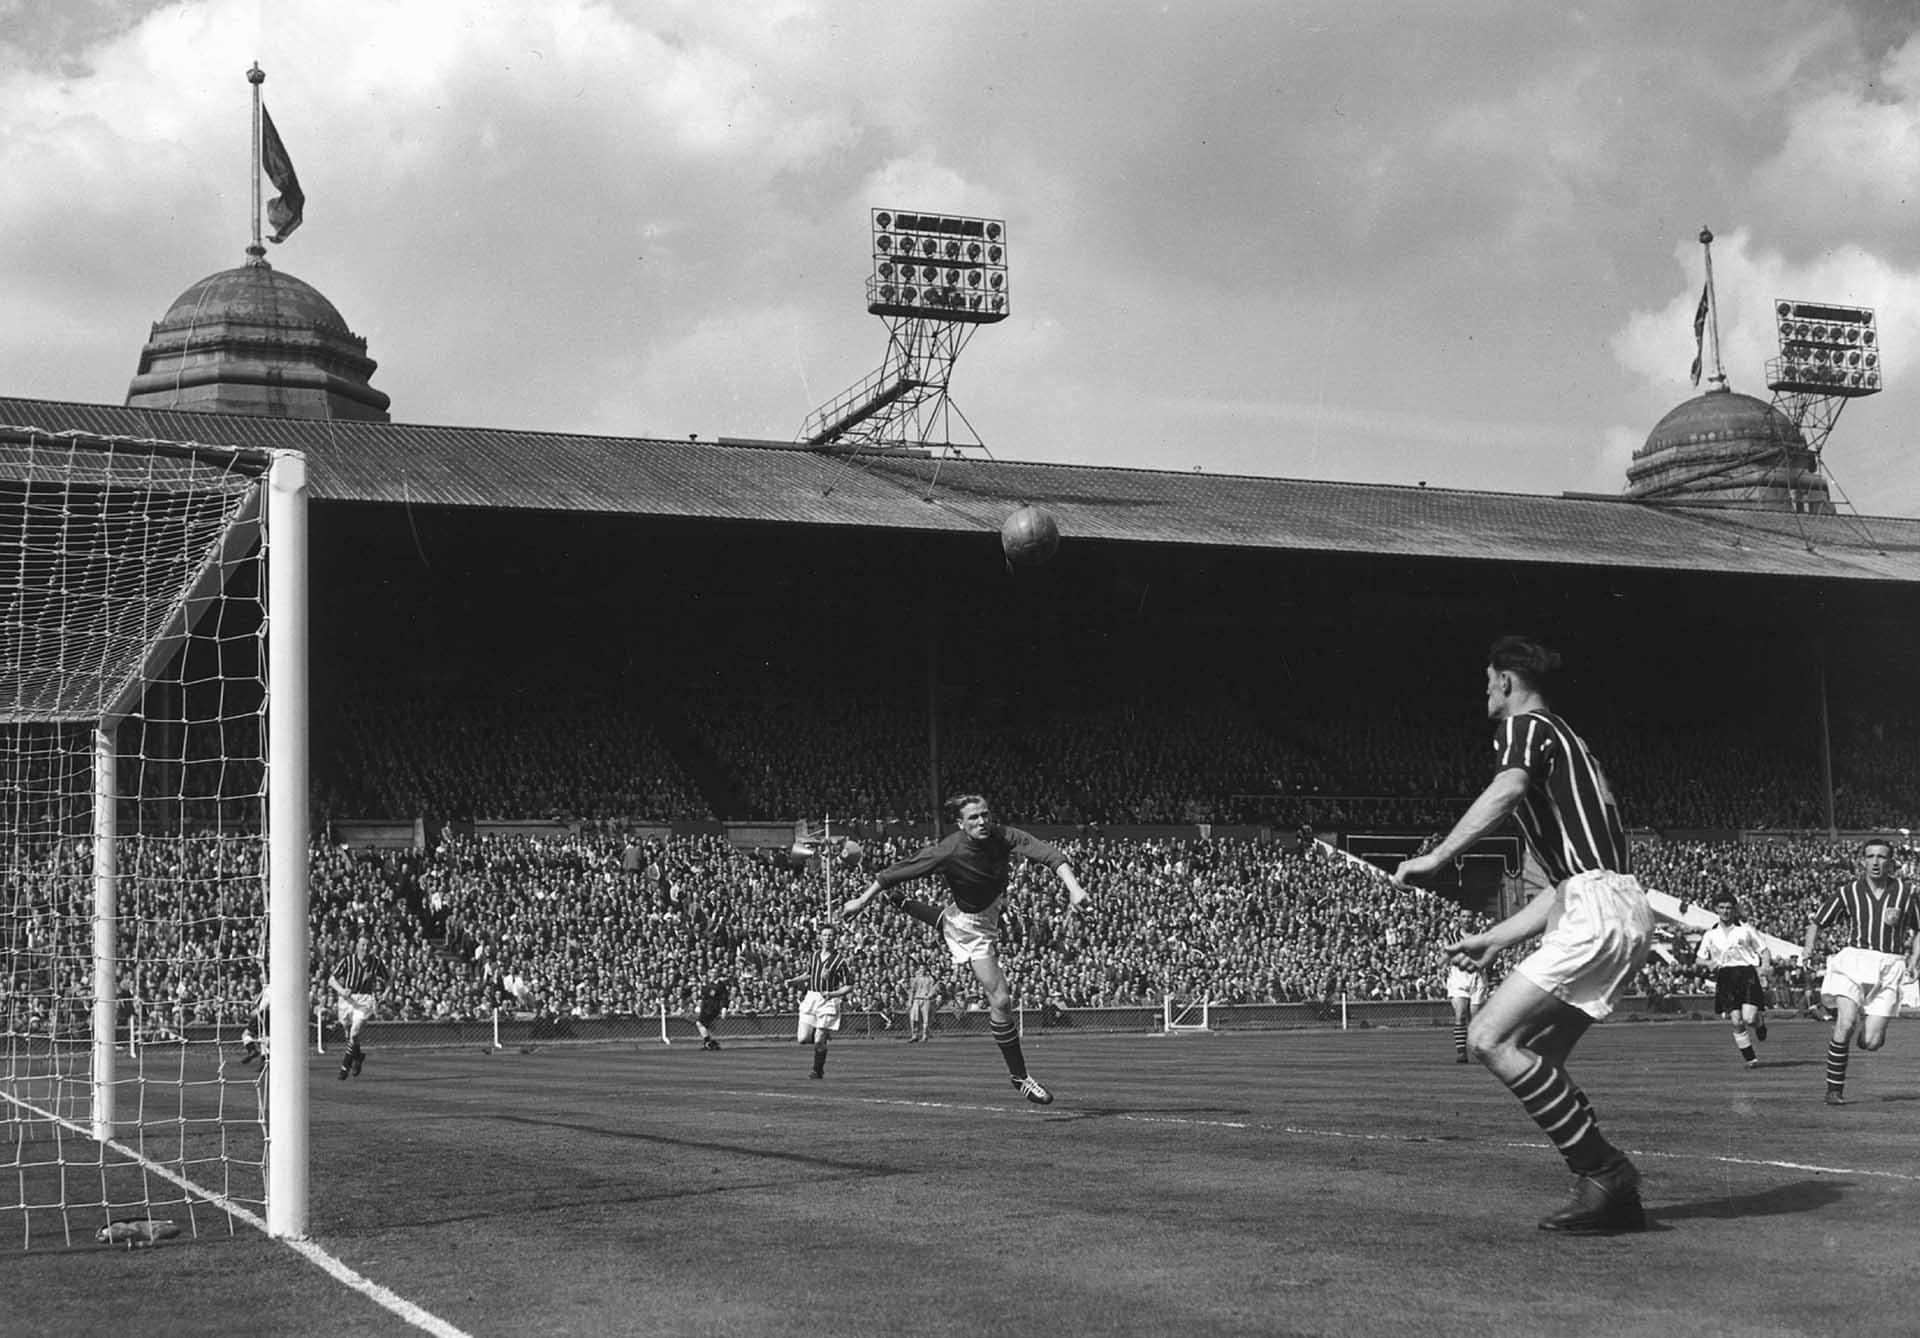 Esta postal data del 5de mayo de1956: el día de la gran final de la FA Cup entre el Birmingham Cityy el Manchester City.Ese día Trautmann se rompió una vértebra y siguió jugando sin saber que ponía en riesgo su vida(Allsport Hulton/Archive)